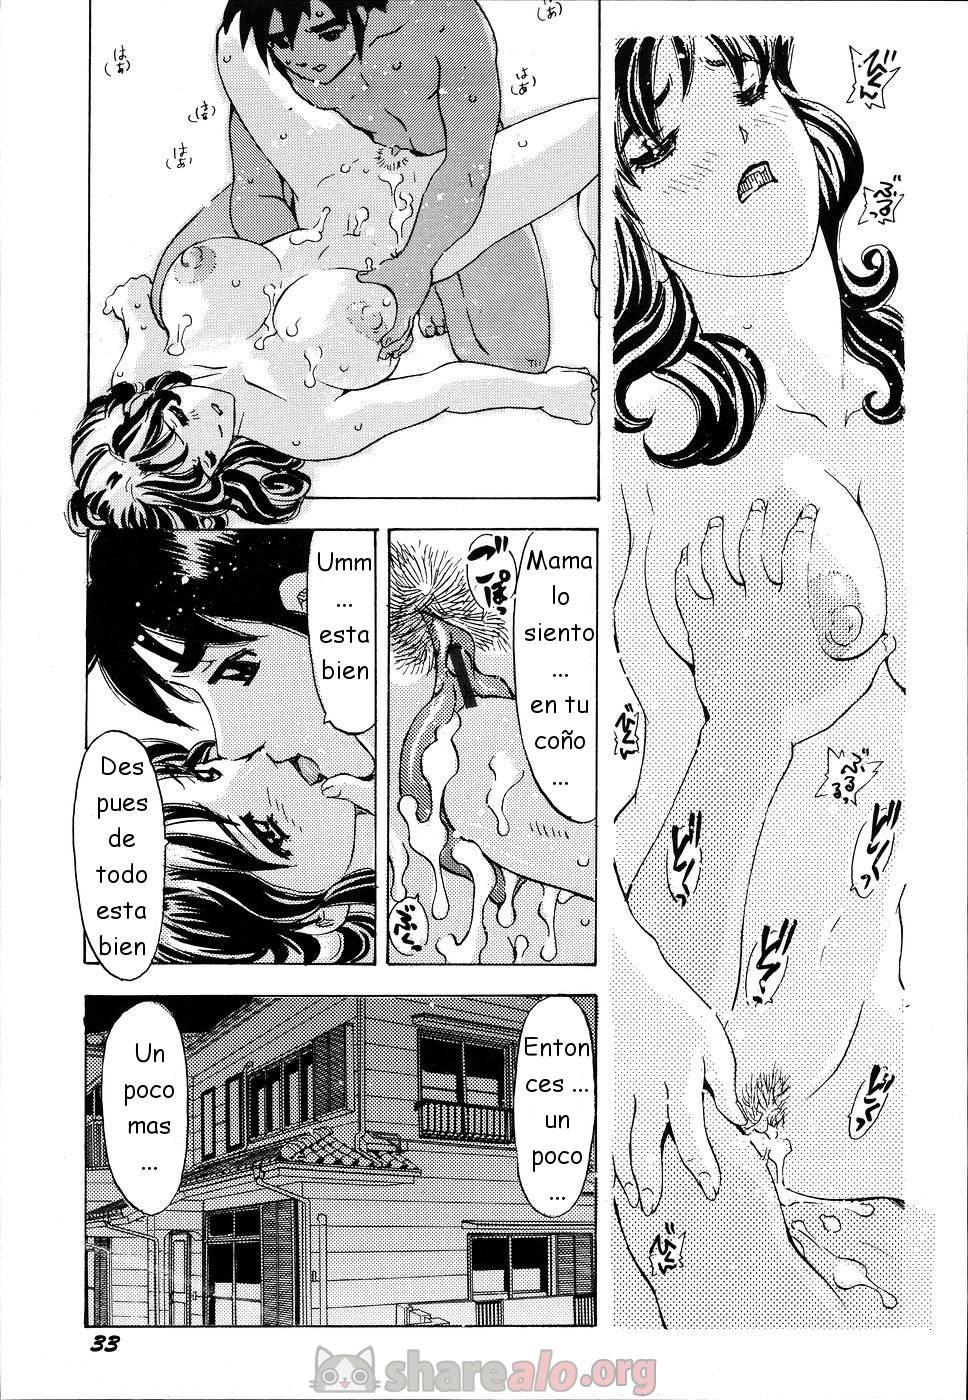 [ Inshoku no Kizuna Manga Hentai ]: Comics Porno Manga Hentai [ gnISw5rD ]